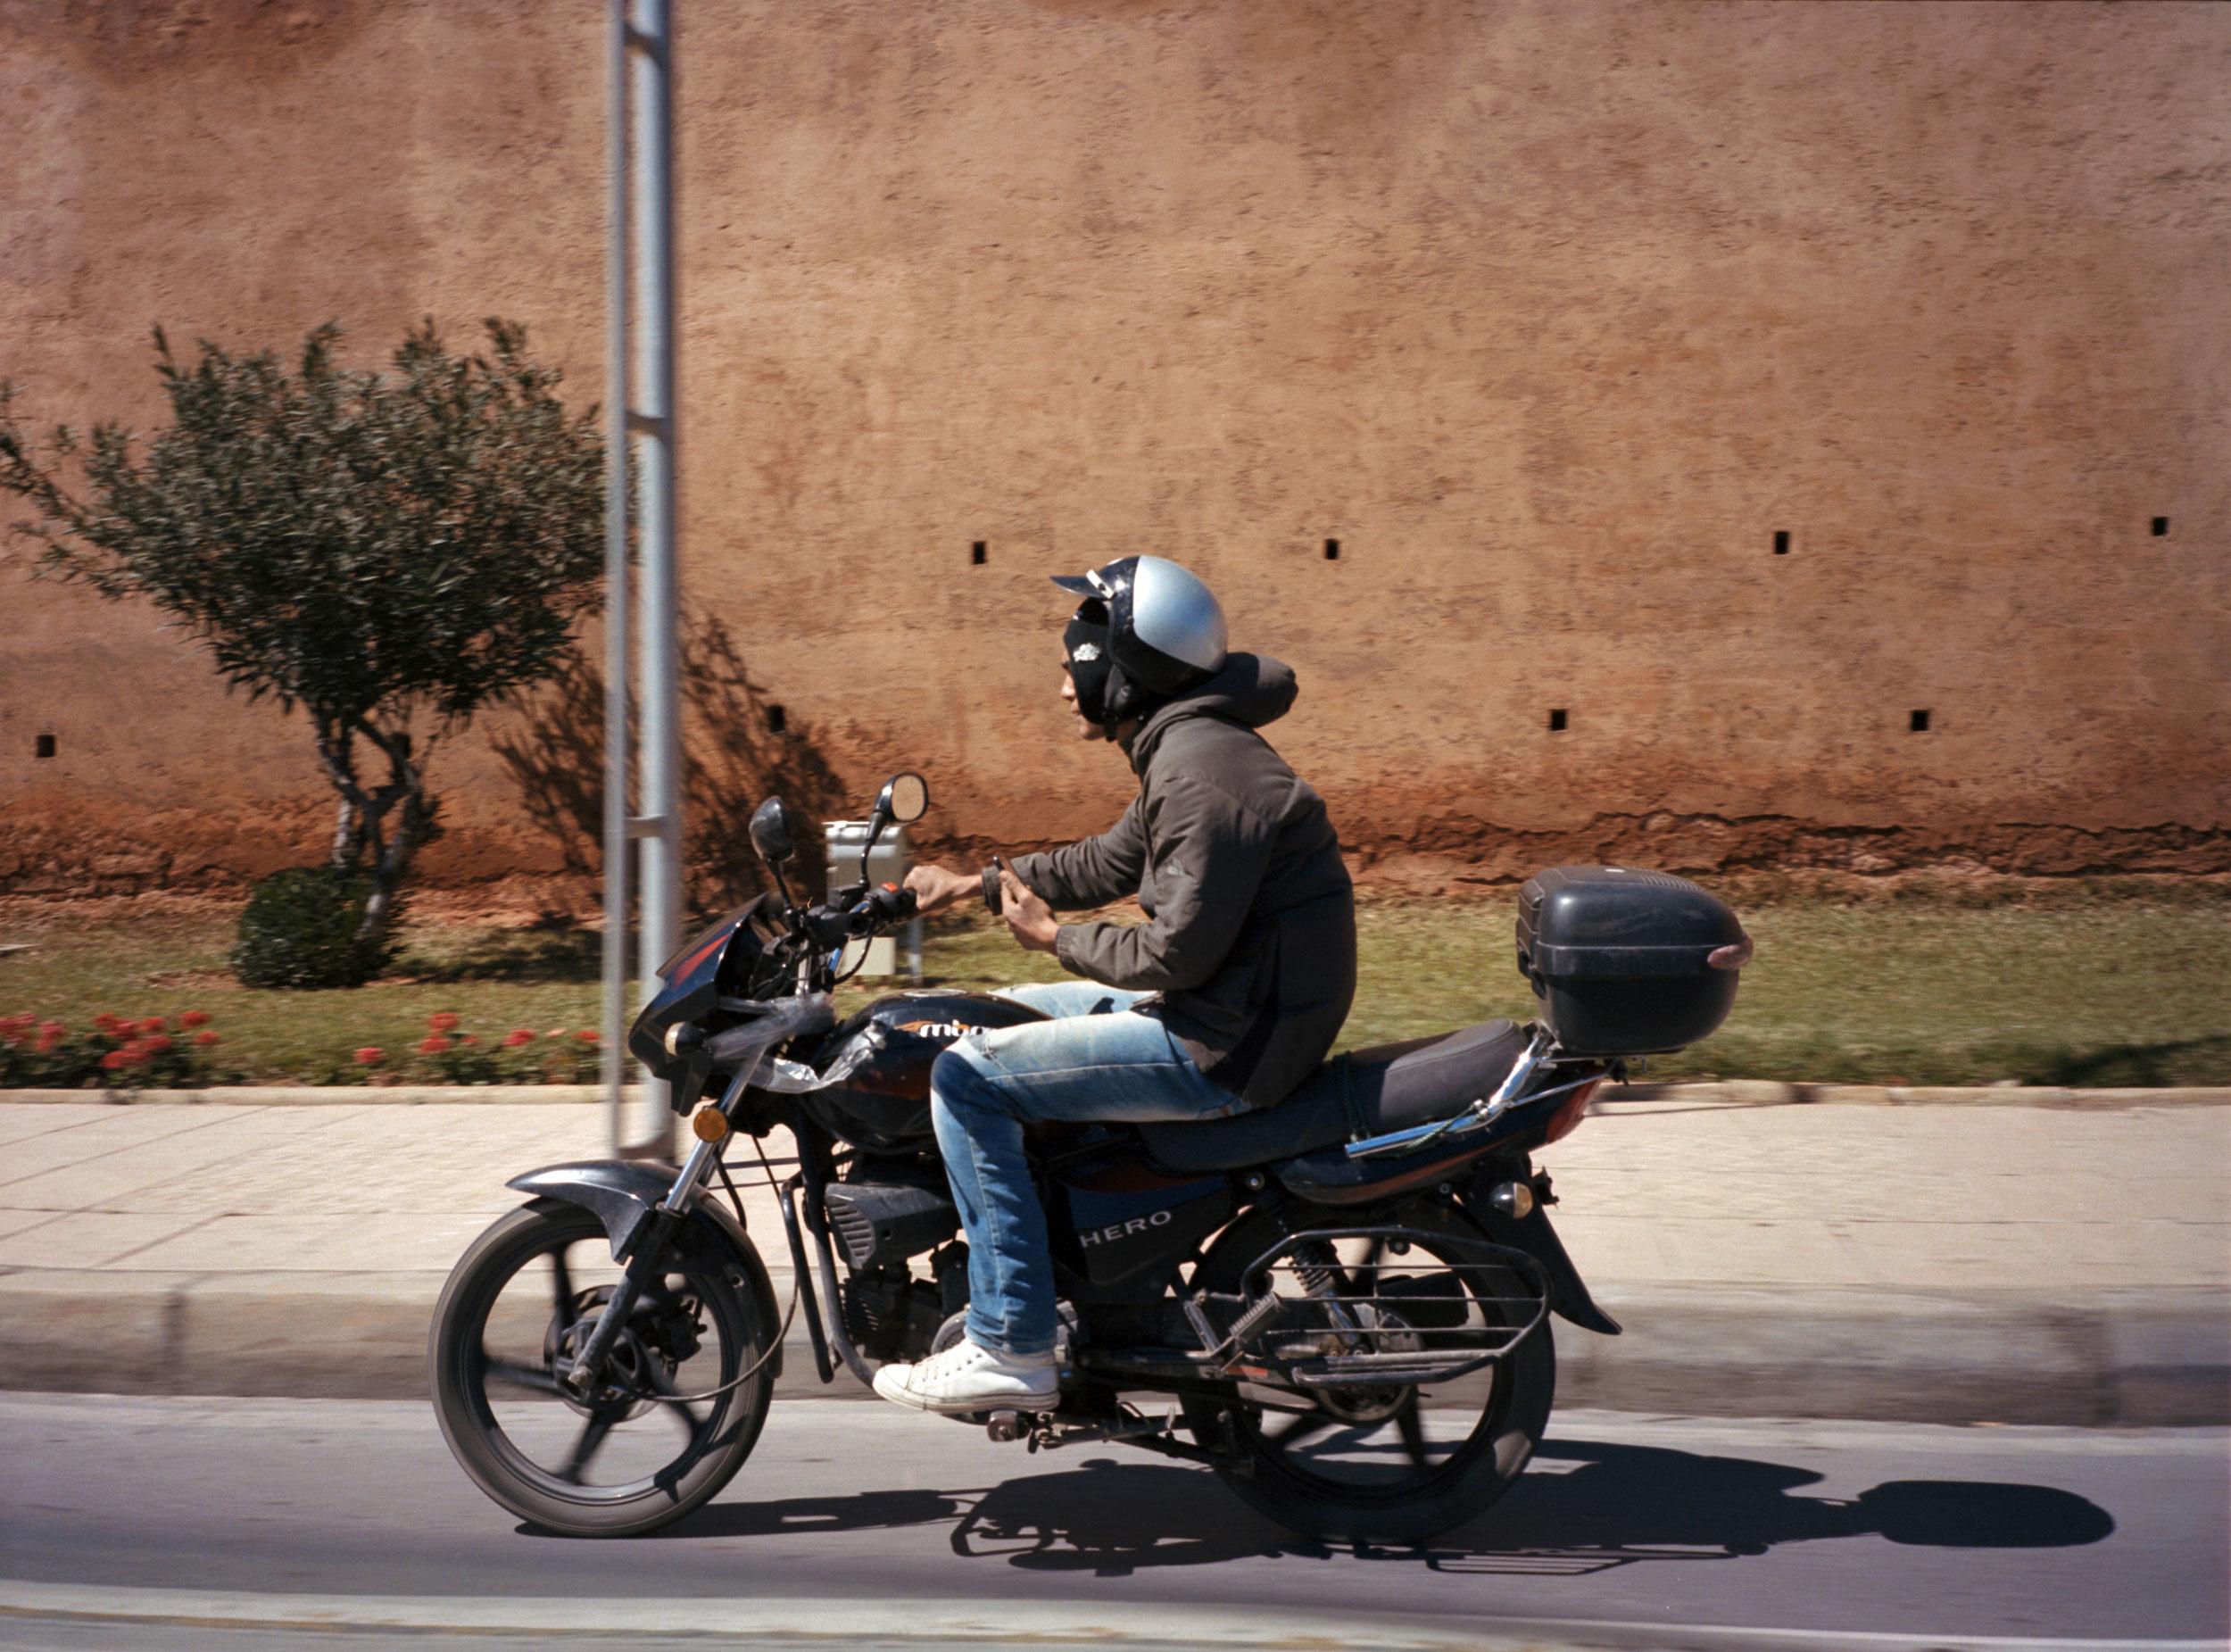 Motorcycle-Rabat.jpg